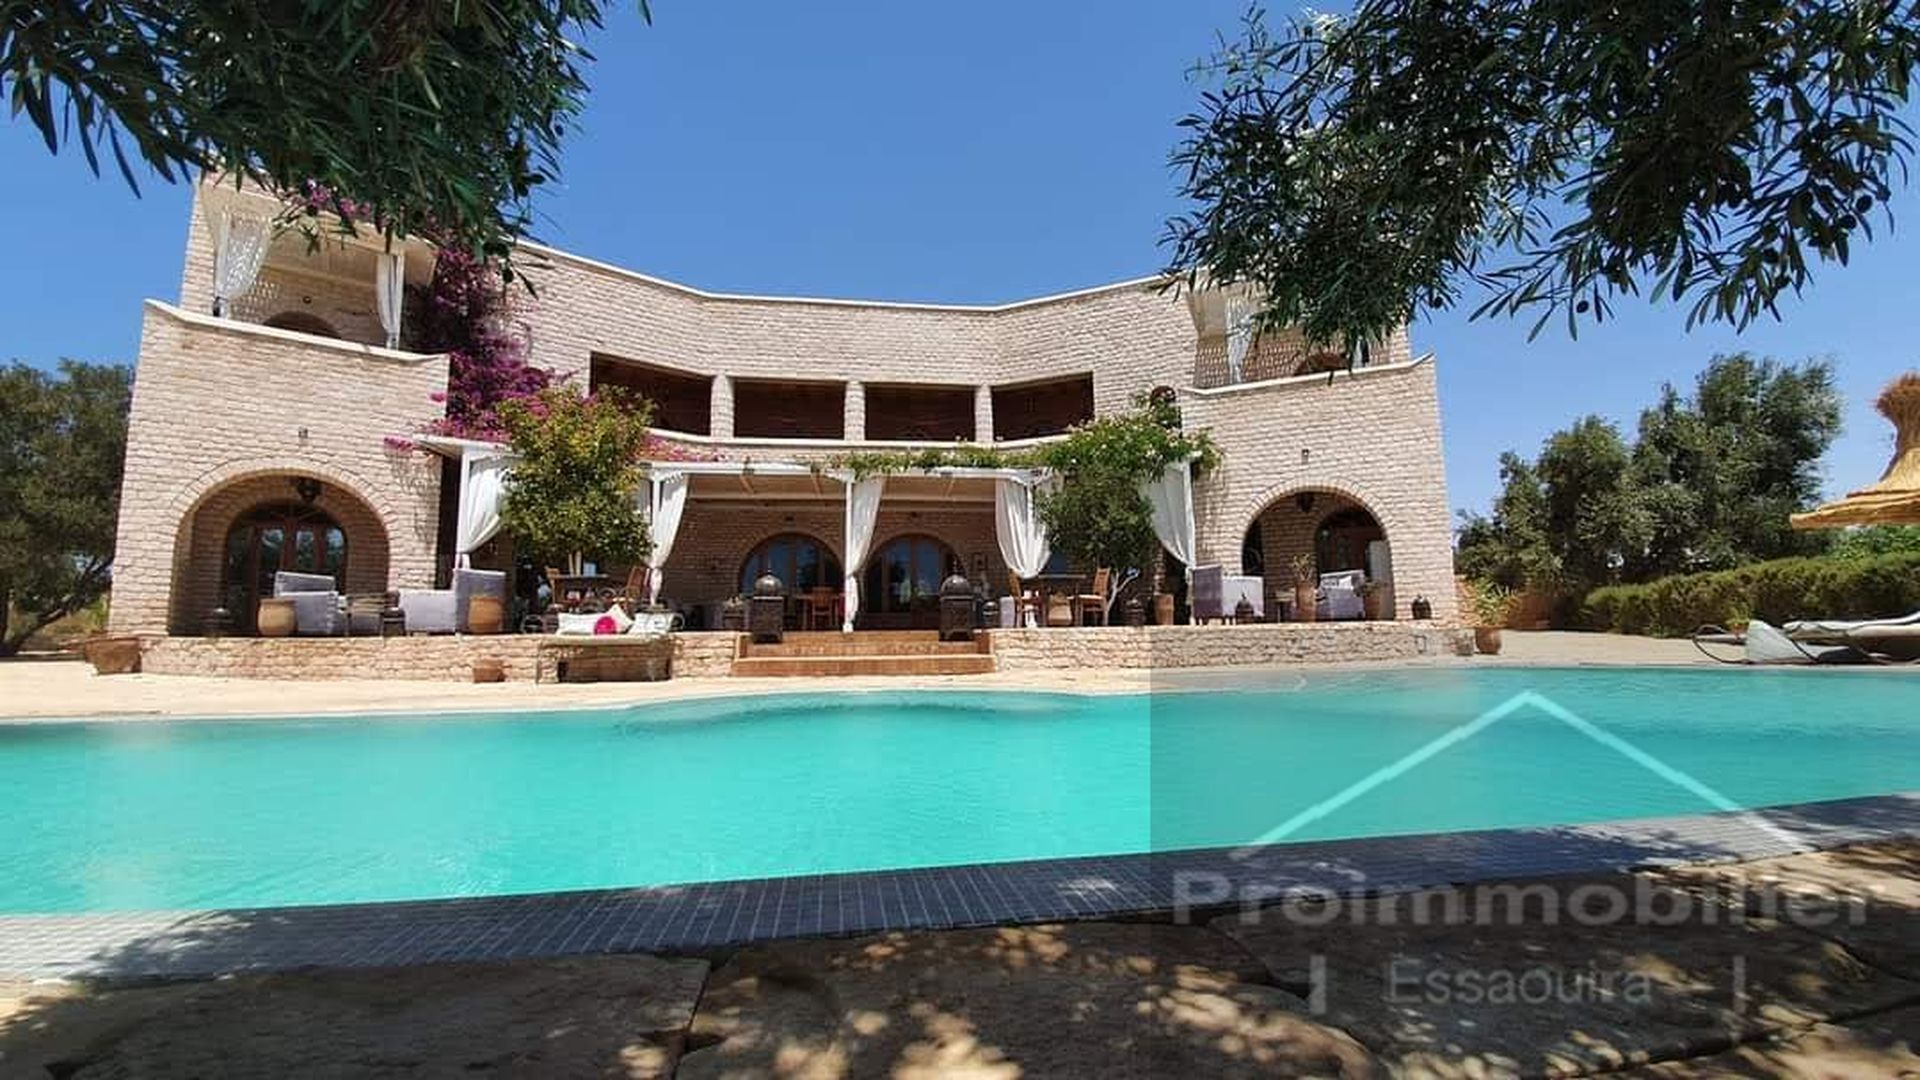 17-01-05-VM Amazing Luxury villa for sale in Essaouira 900m² Garden 10000m²